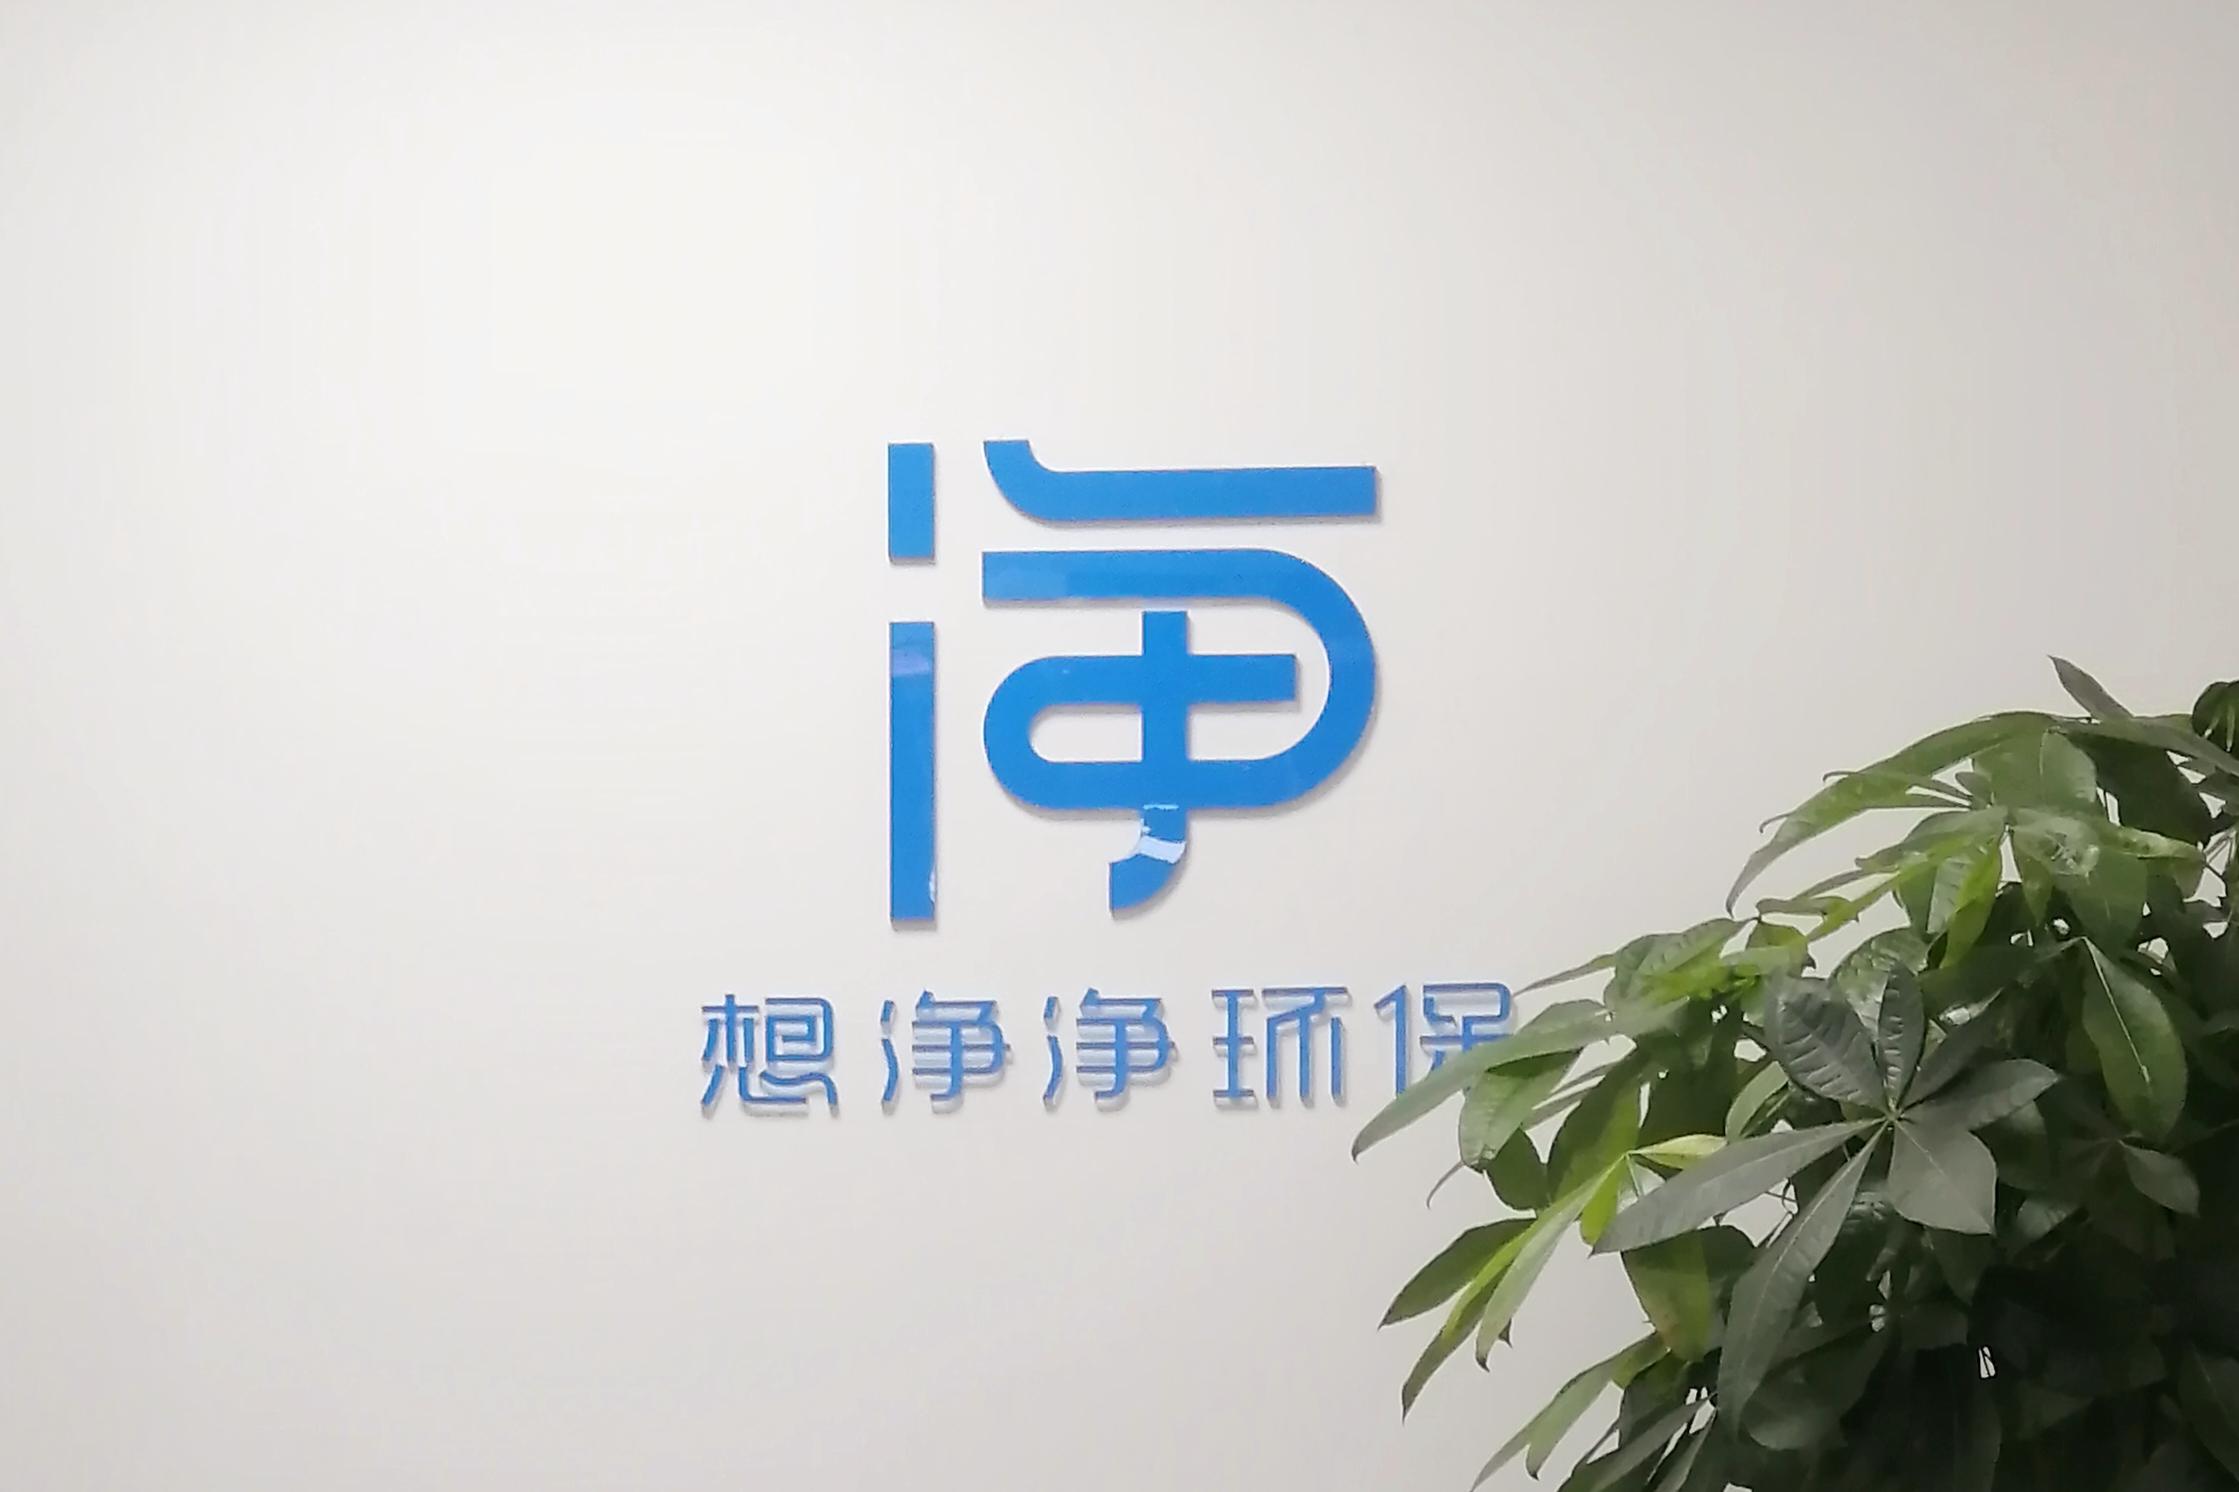 关于想净净(广州)环保科技有限公司张鑫加入广东省江西商会理事的公示